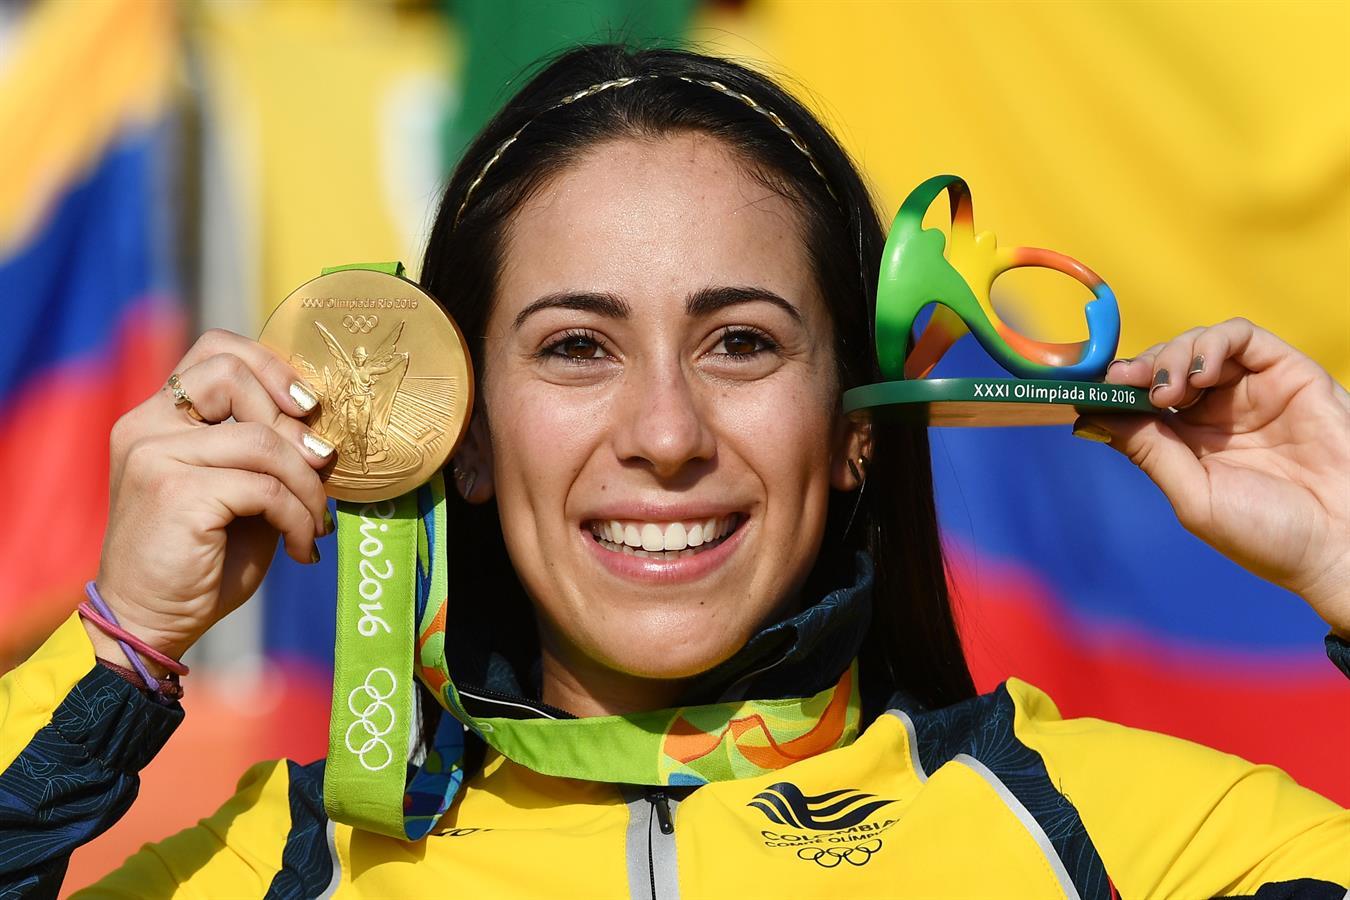 La colombiana Mariana Pajon campionessa olimpica BMX a Rio2016